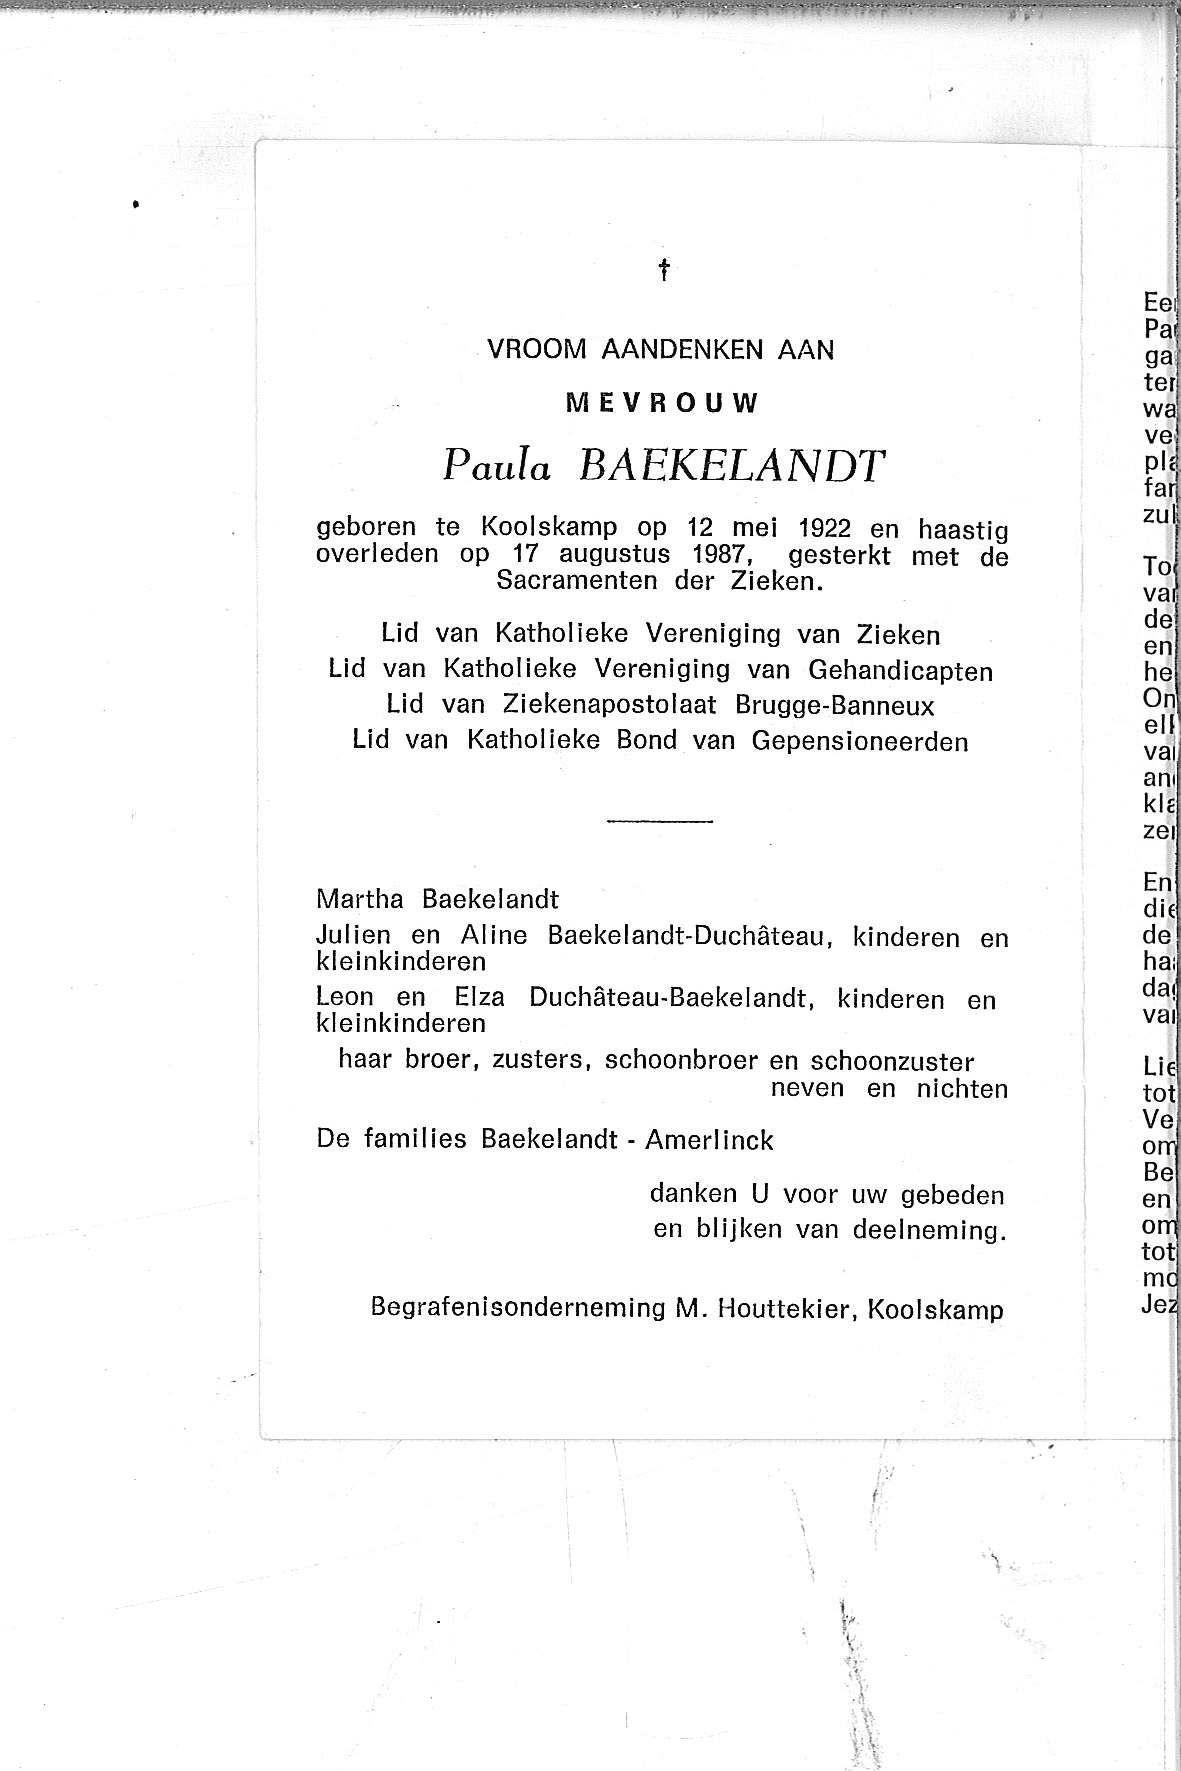 Paula(1987)20130826105243_00078.jpg